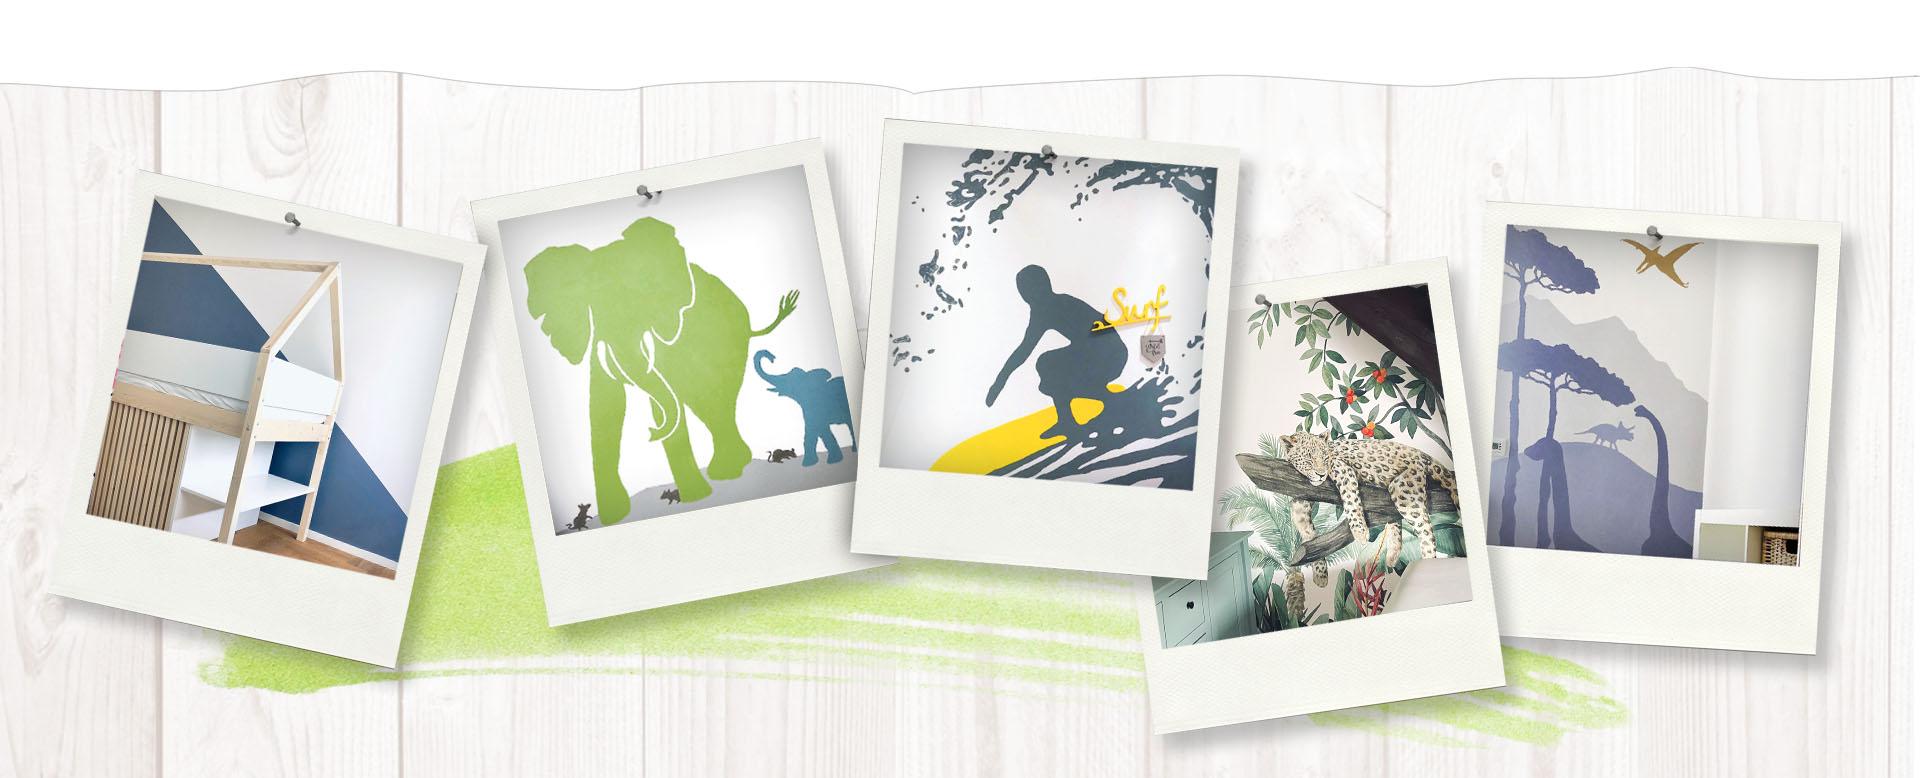 kleine 4 wände | individuelle Wandmalerei und Raumgestaltung ...